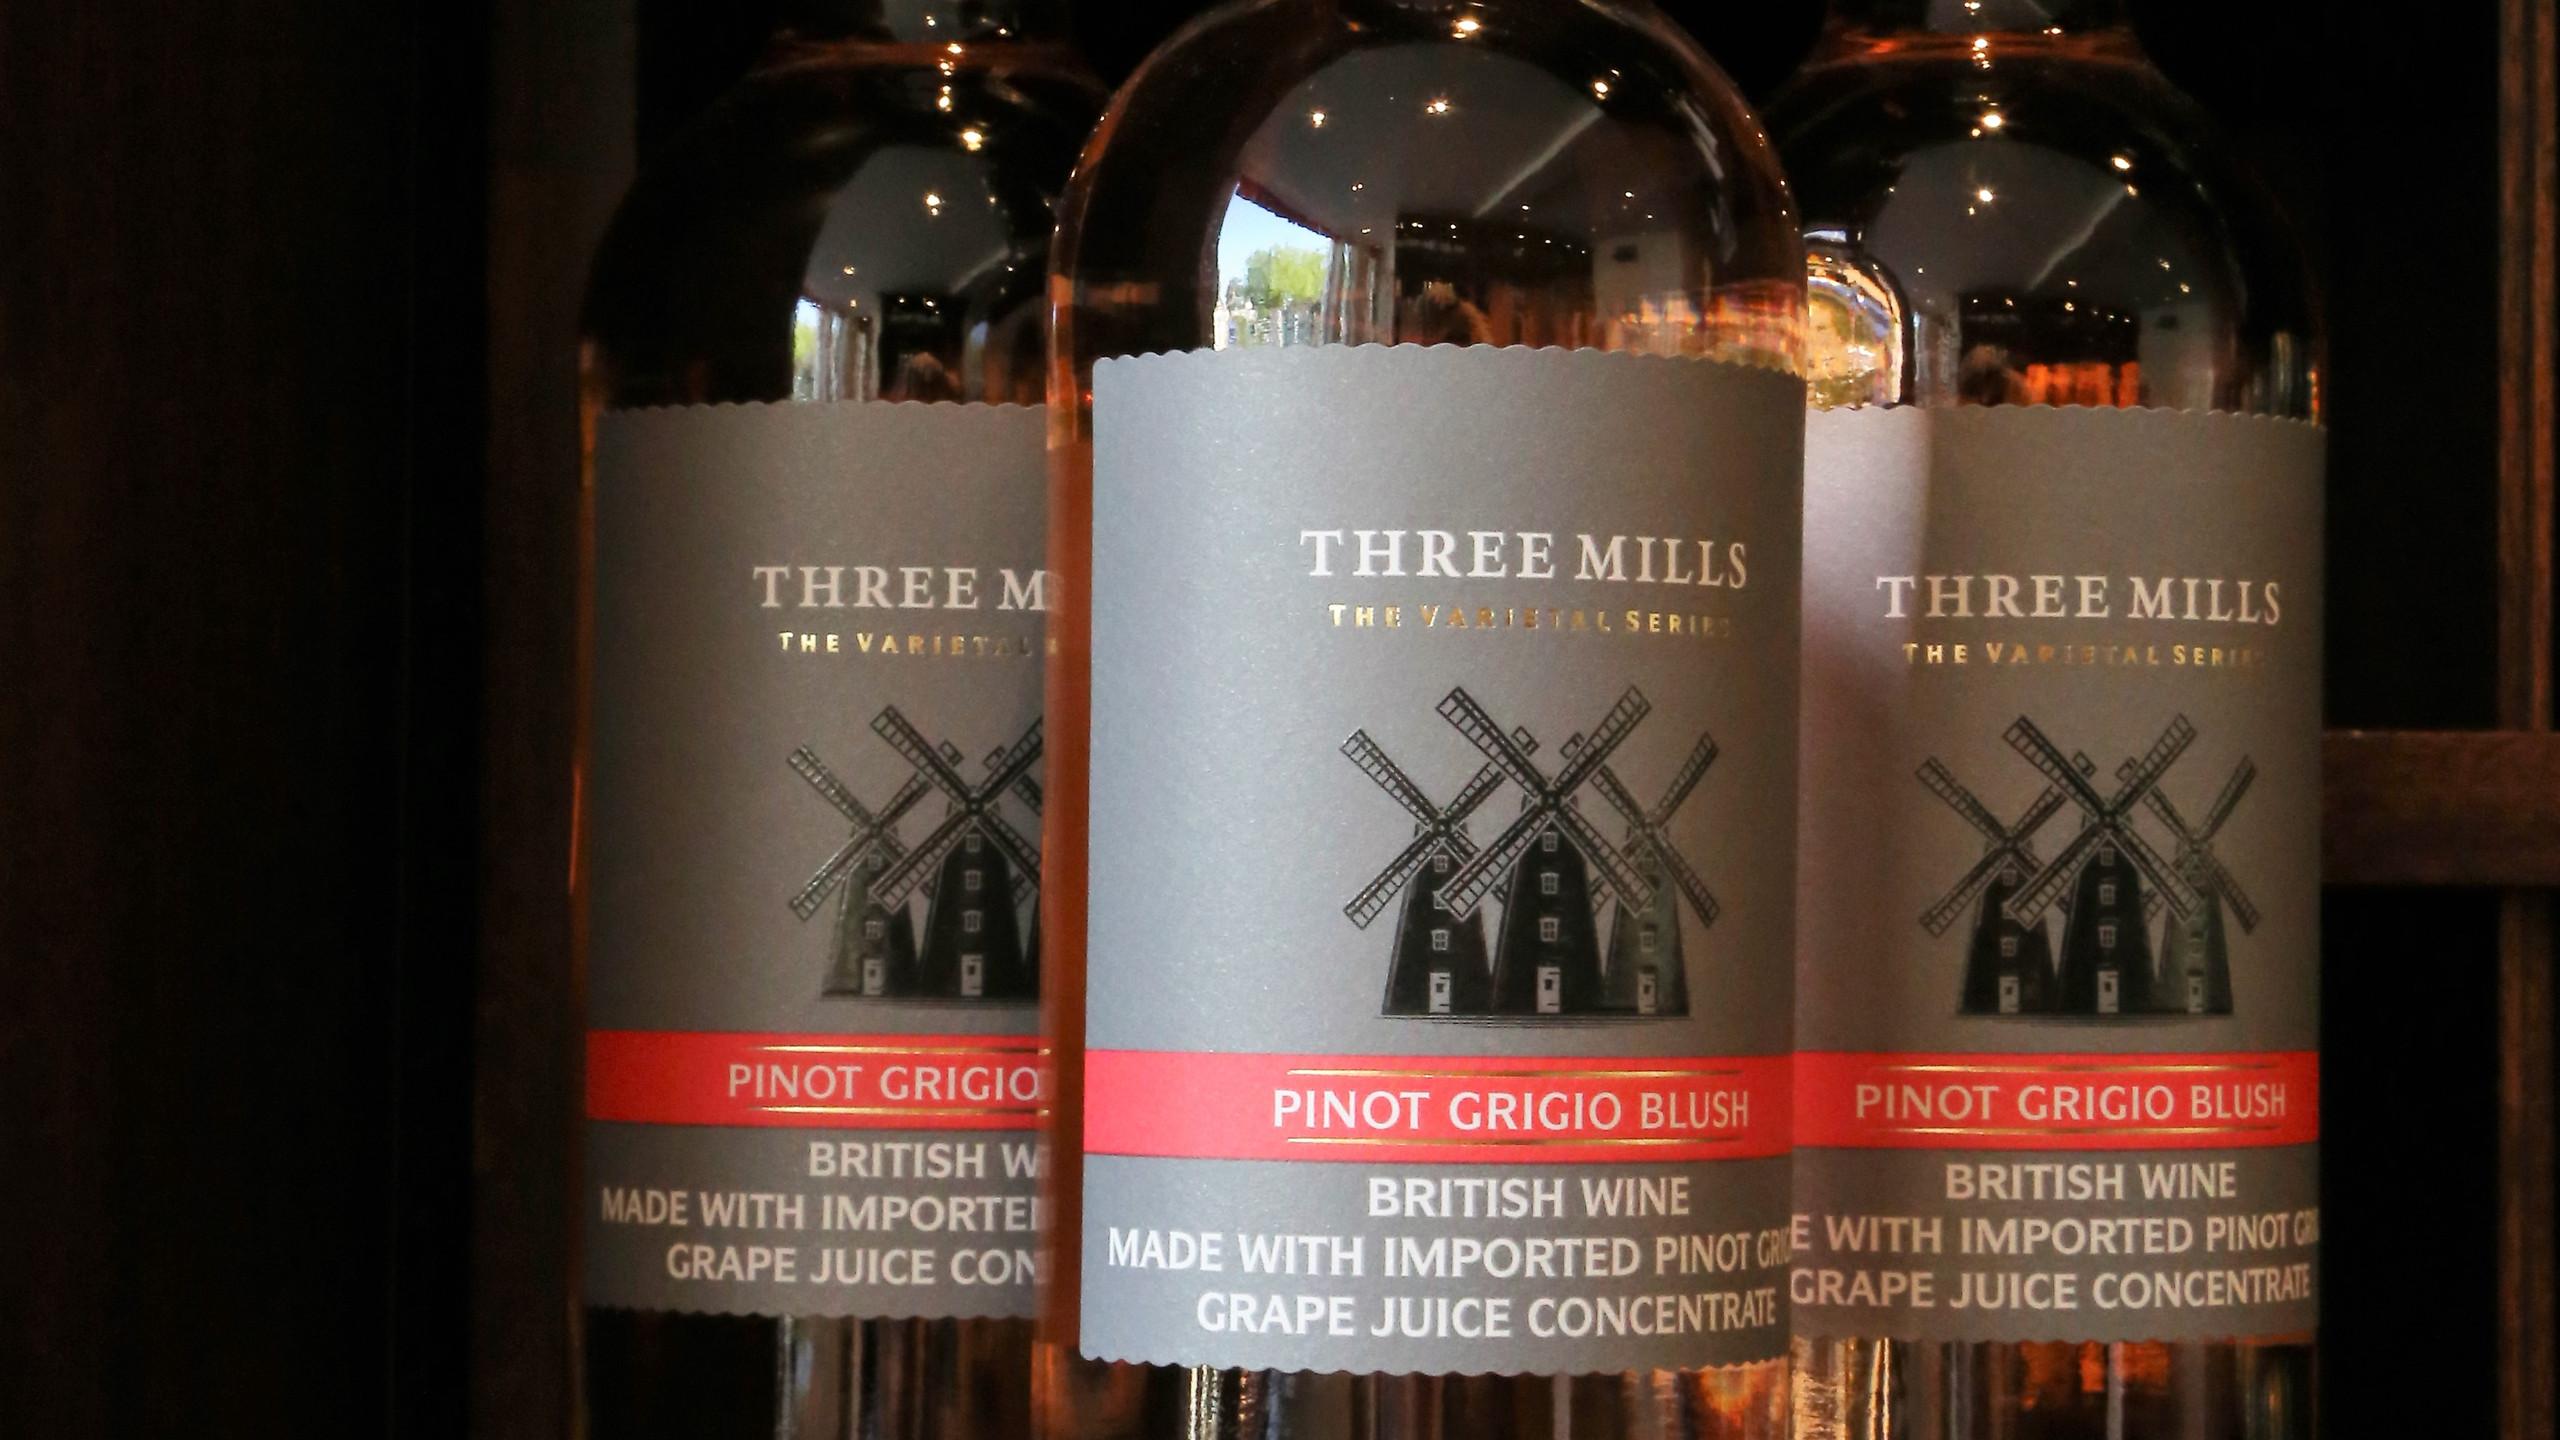 Three Mills pinot grigio